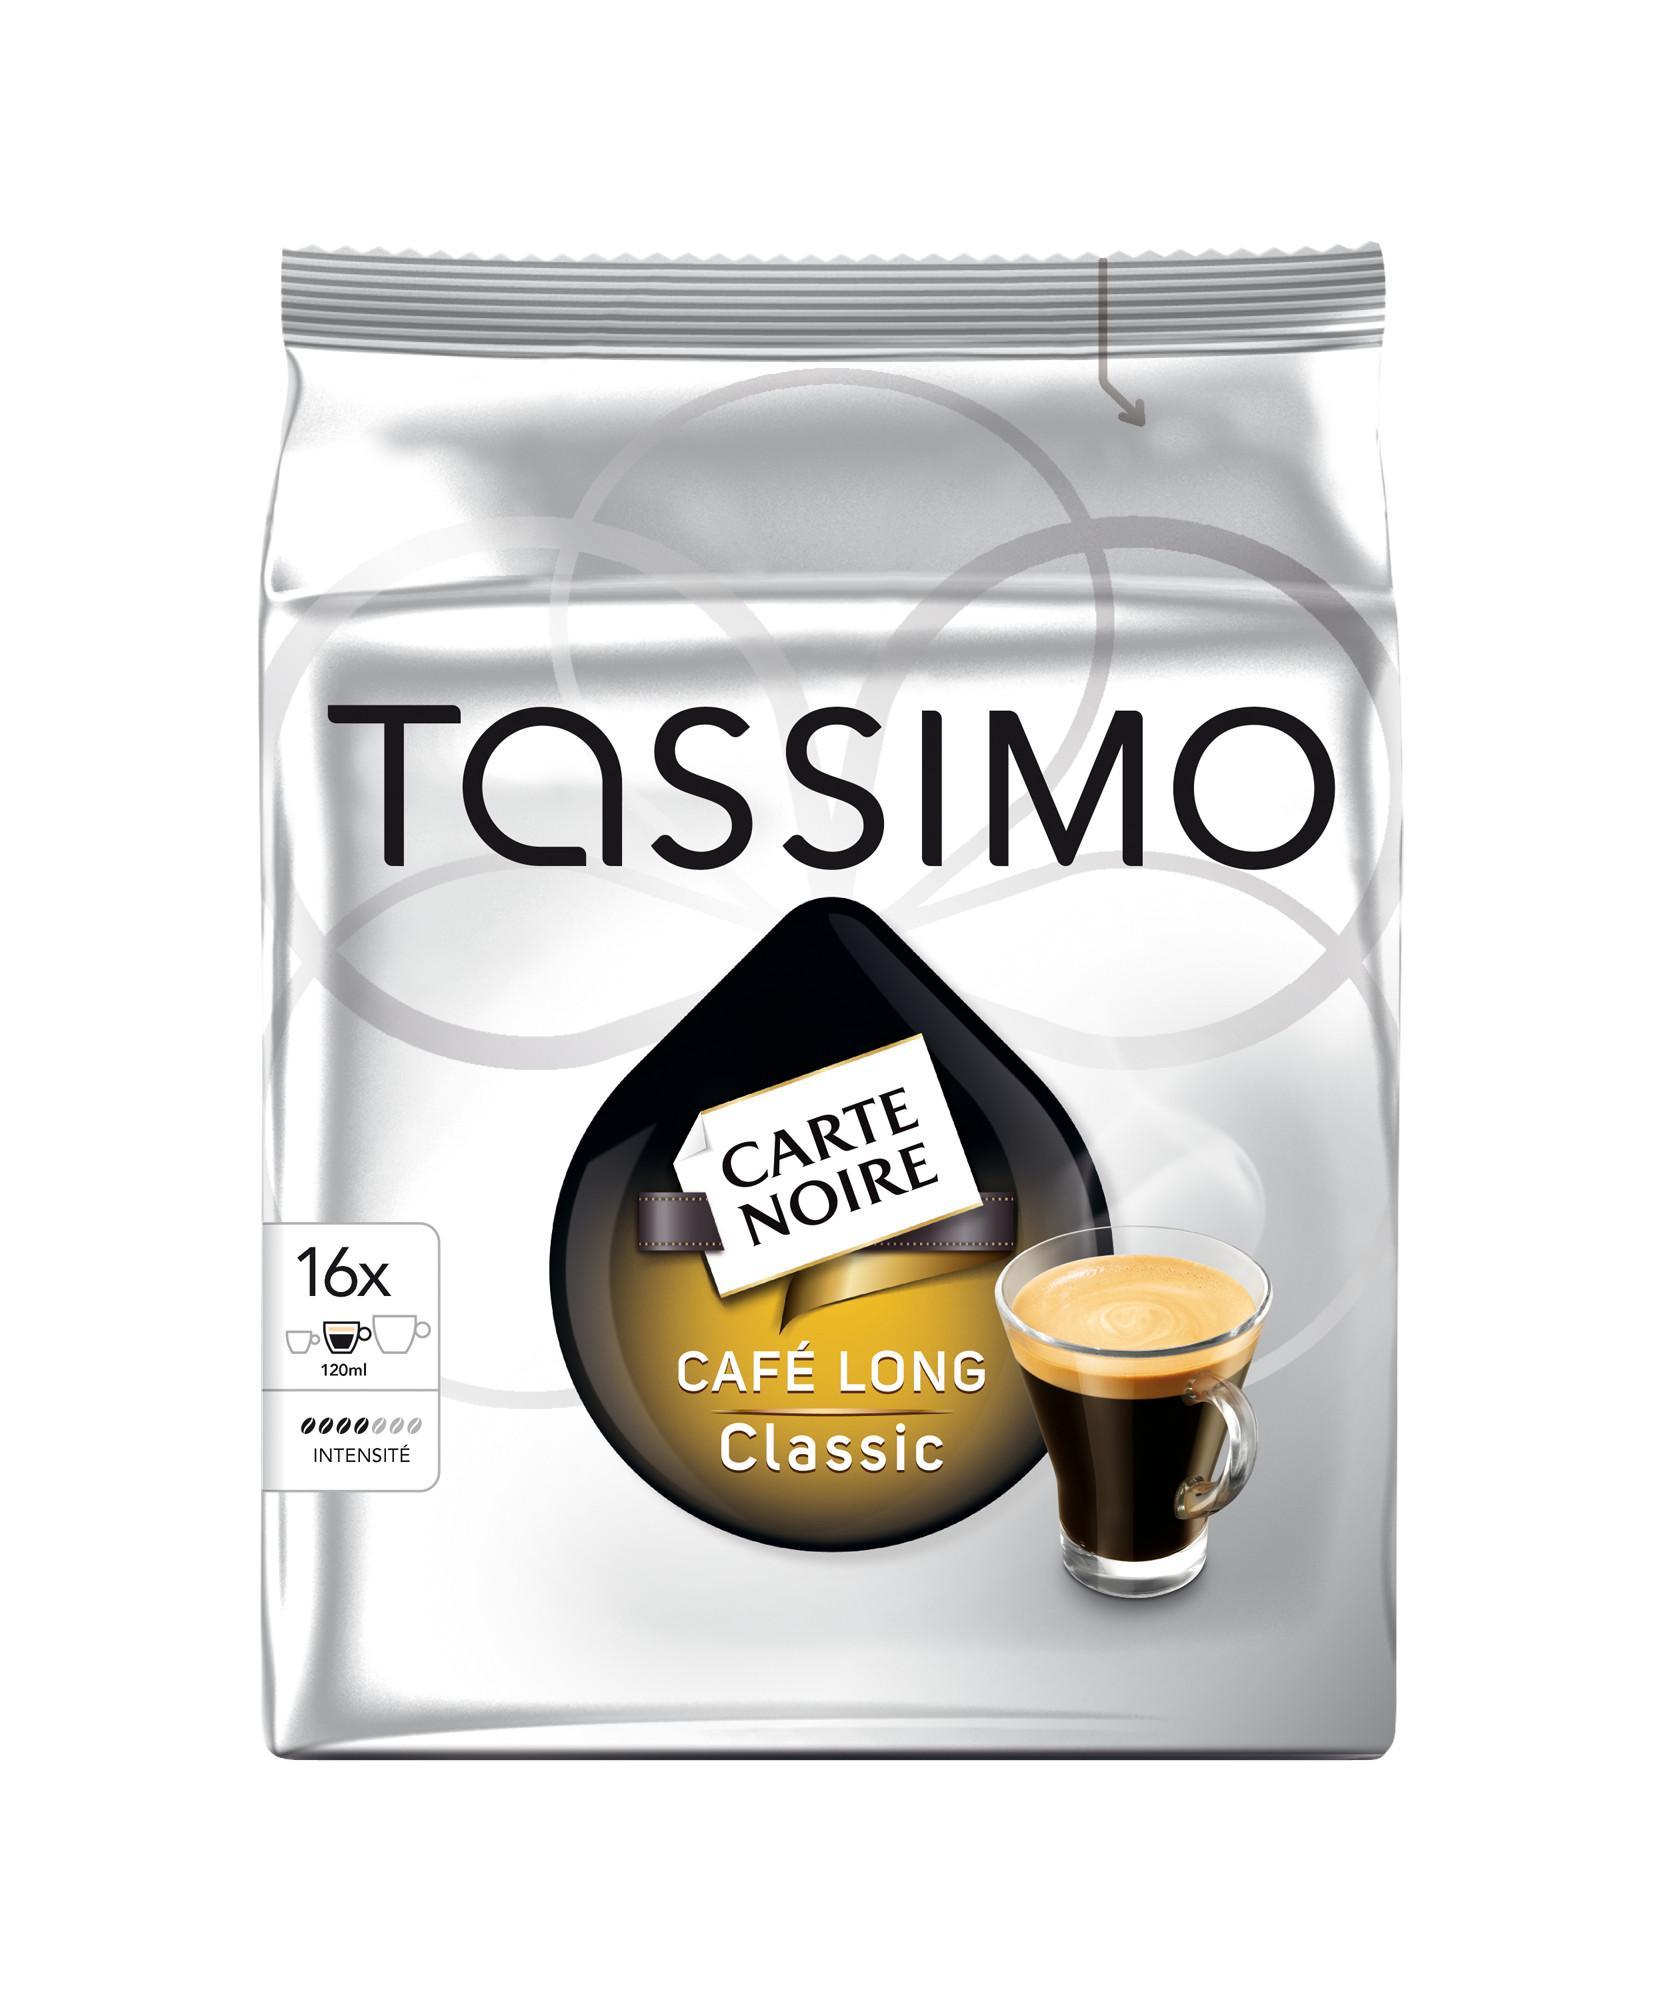 6 Paquets de 16 Dosettes de café Carte Noire Tassimo